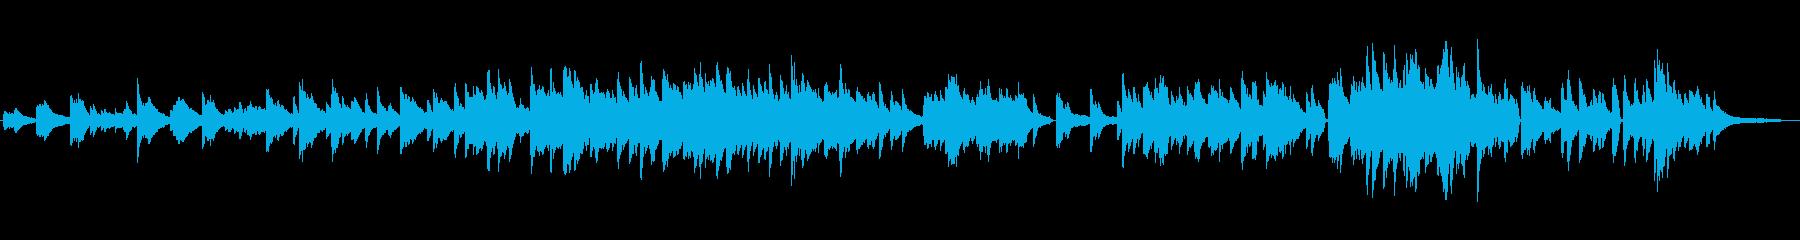 生ピアノソロ・音楽が伝えてくれるものの再生済みの波形